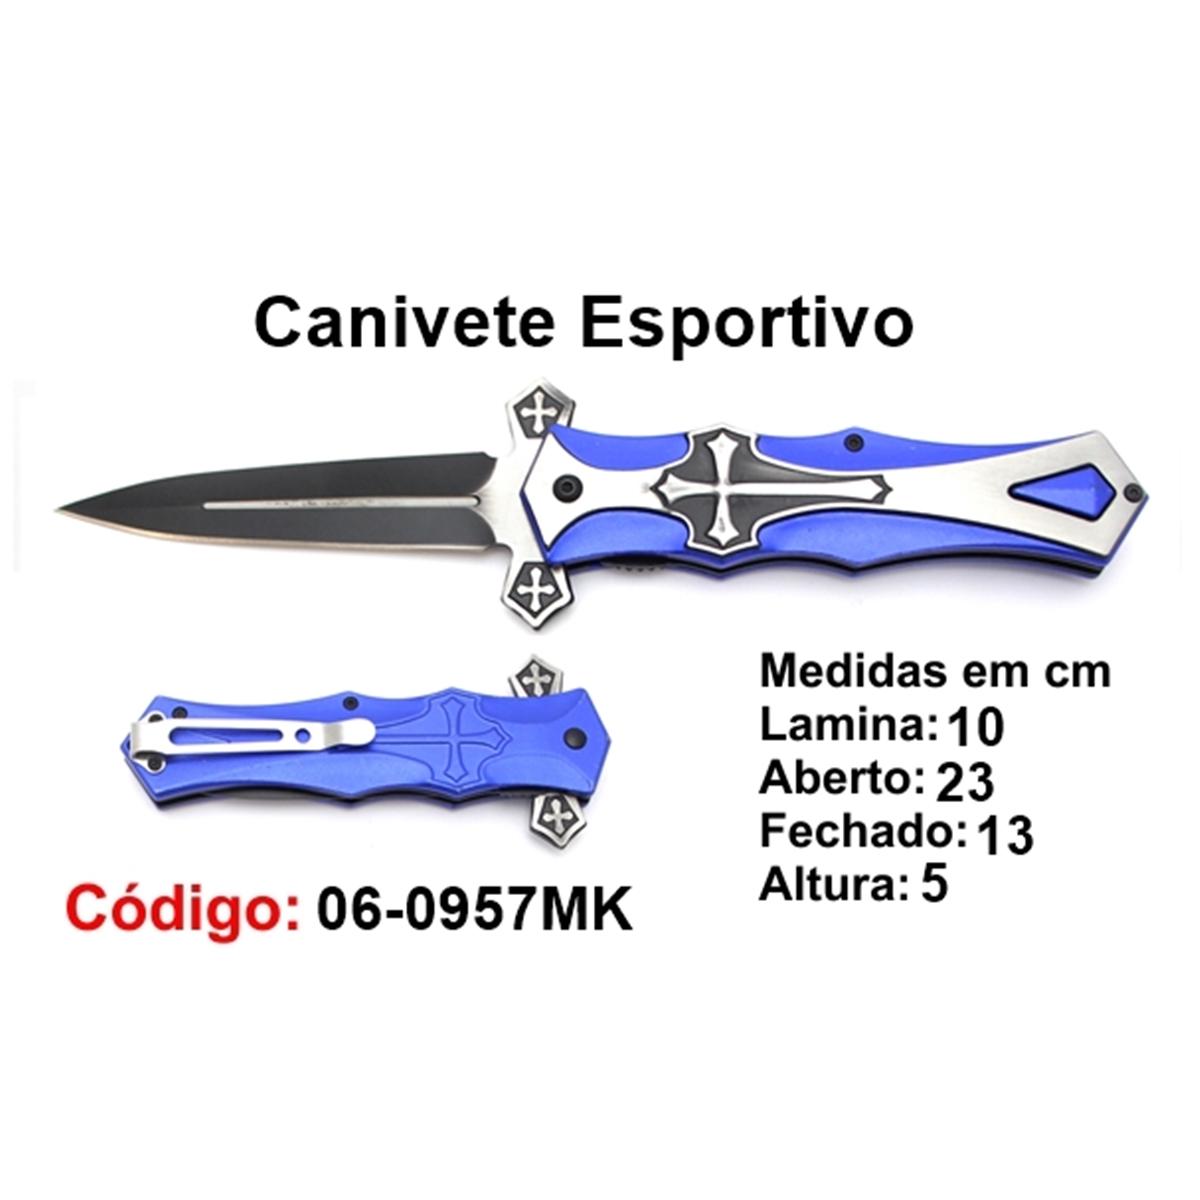 Canivete Esportivo Caça Pesca Etc. 06-0957MK